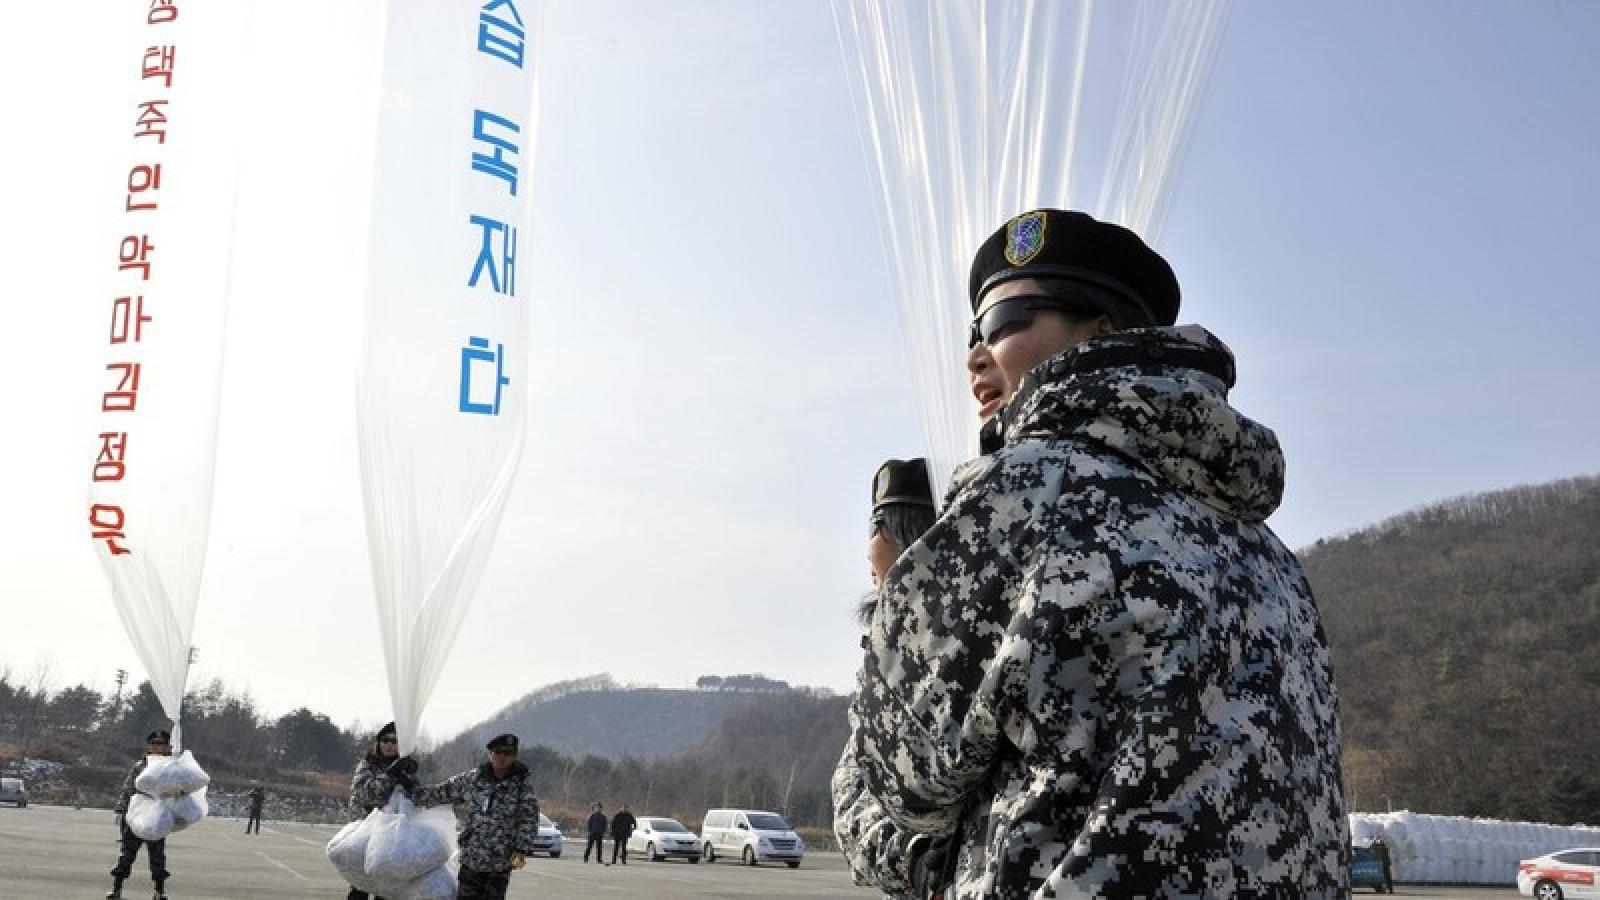 Quốc hội Hàn Quốc thông qua Luật cấm rải truyền đơn chống Triều Tiên